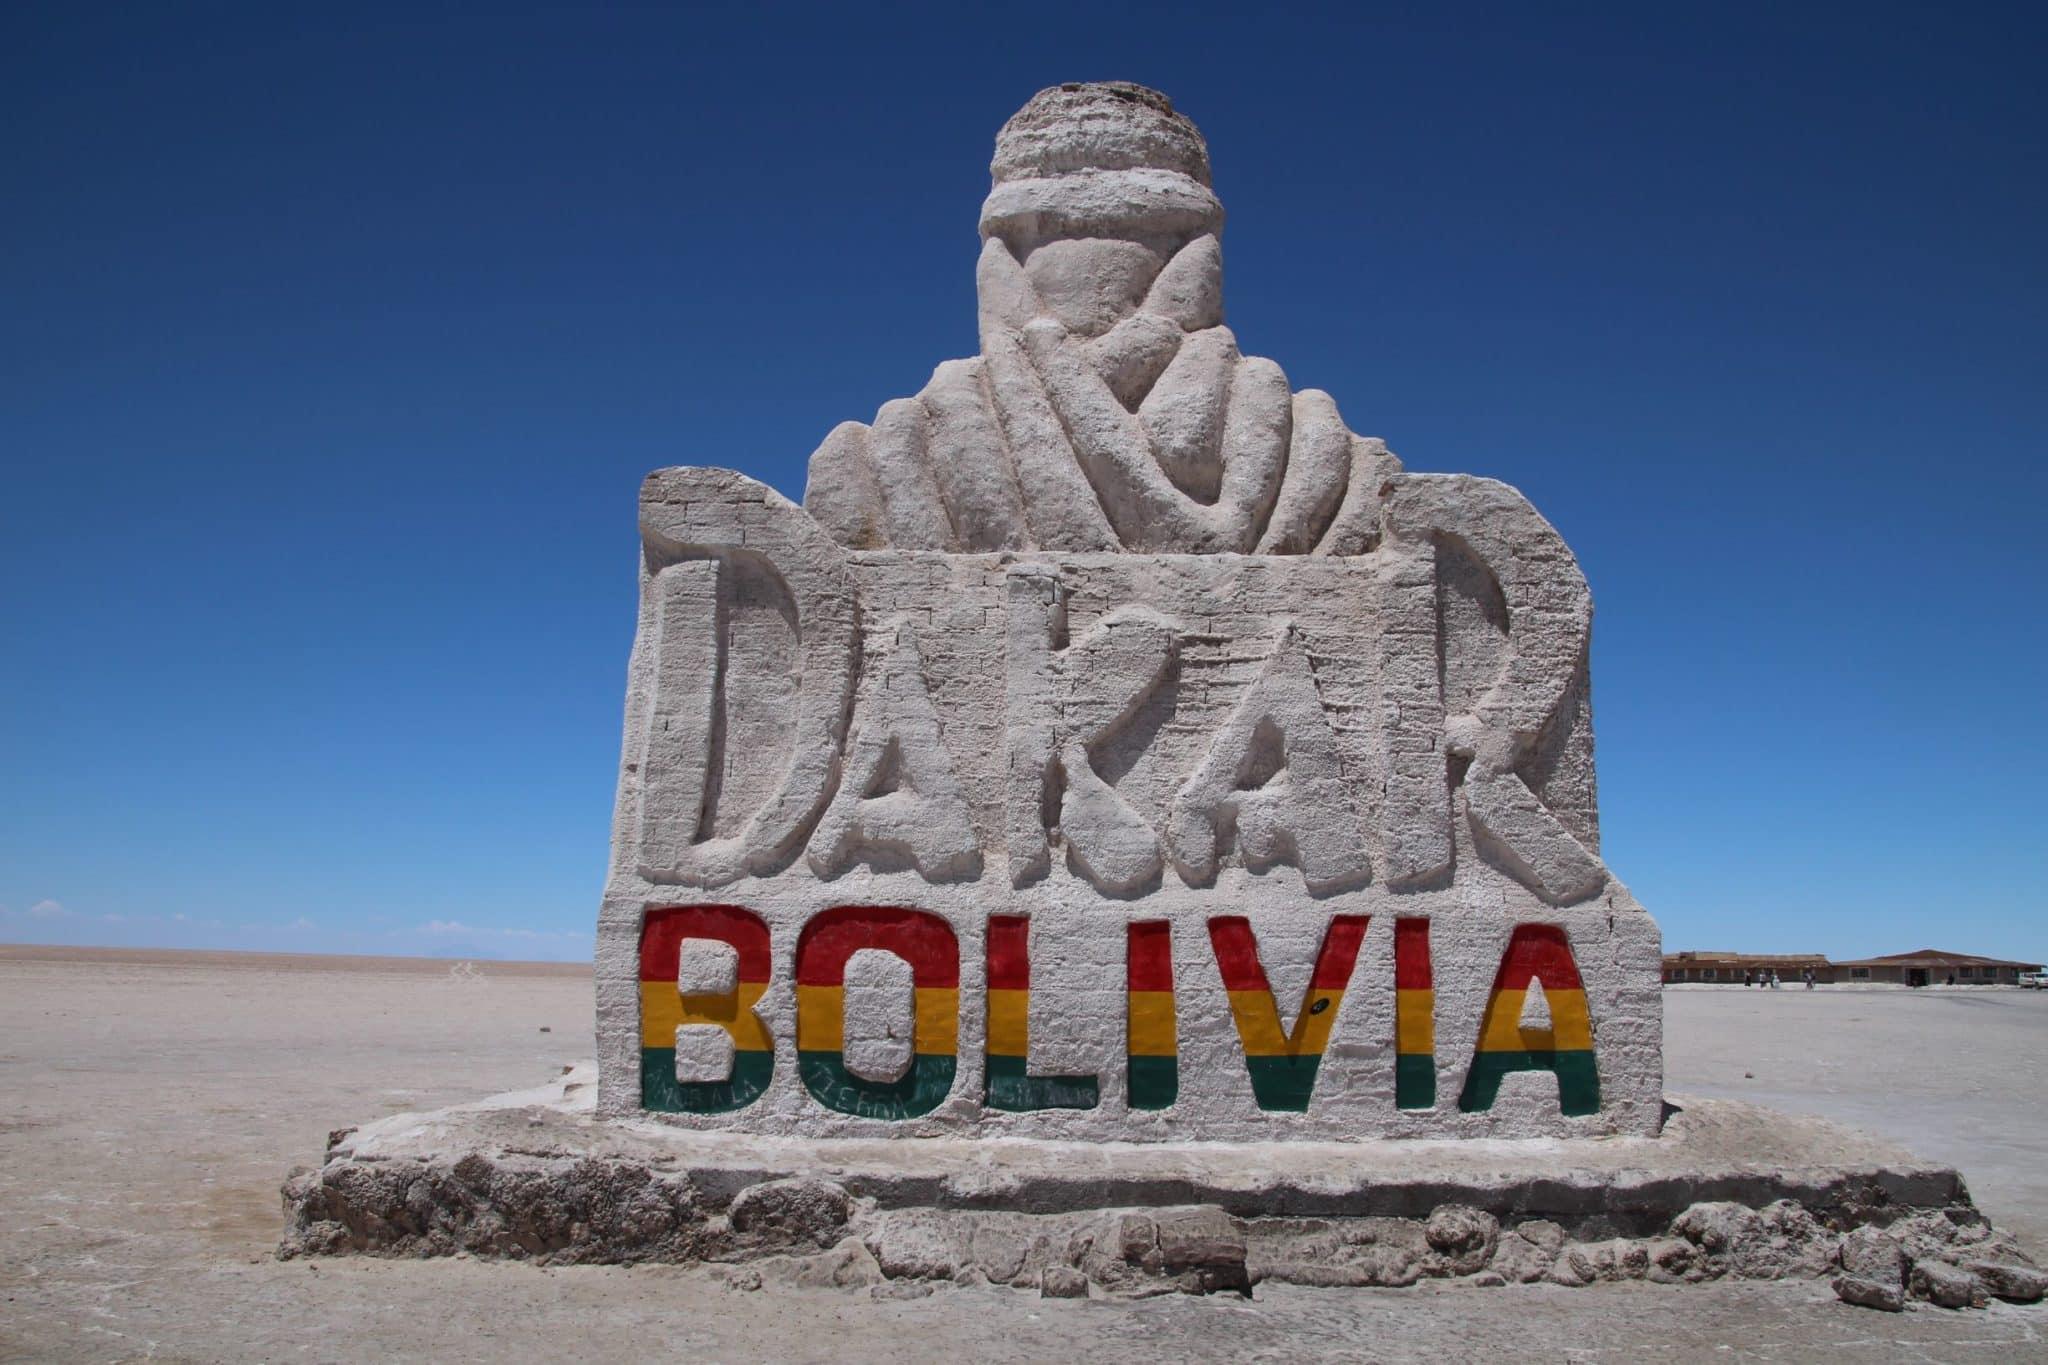 Monument Dakar Bolivie